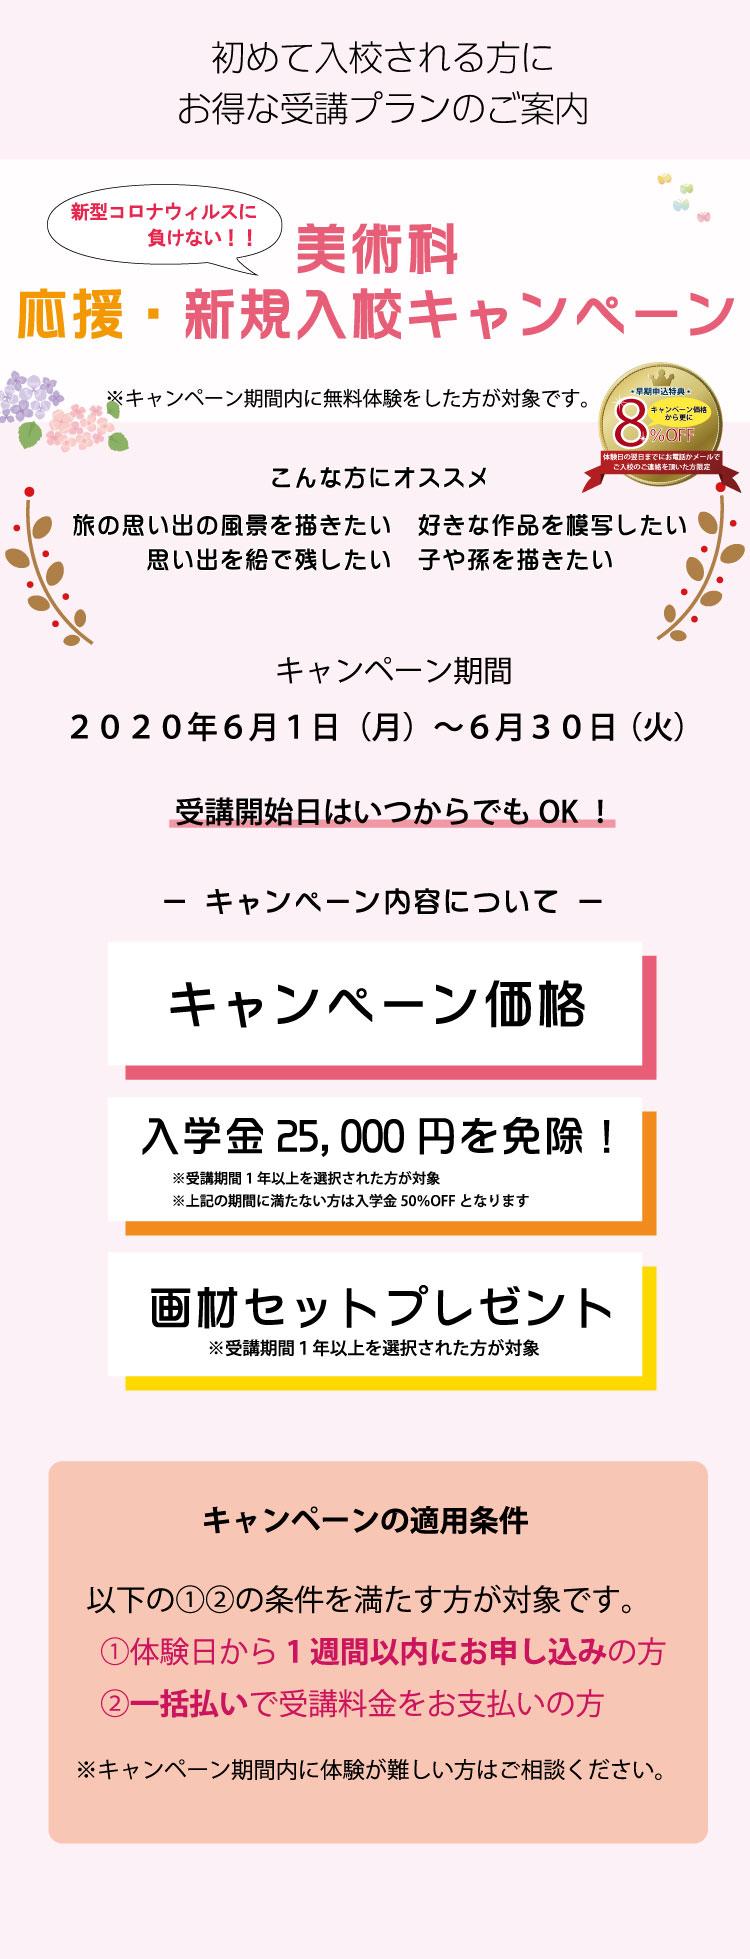 美術科特別価格キャンペーン6月sp